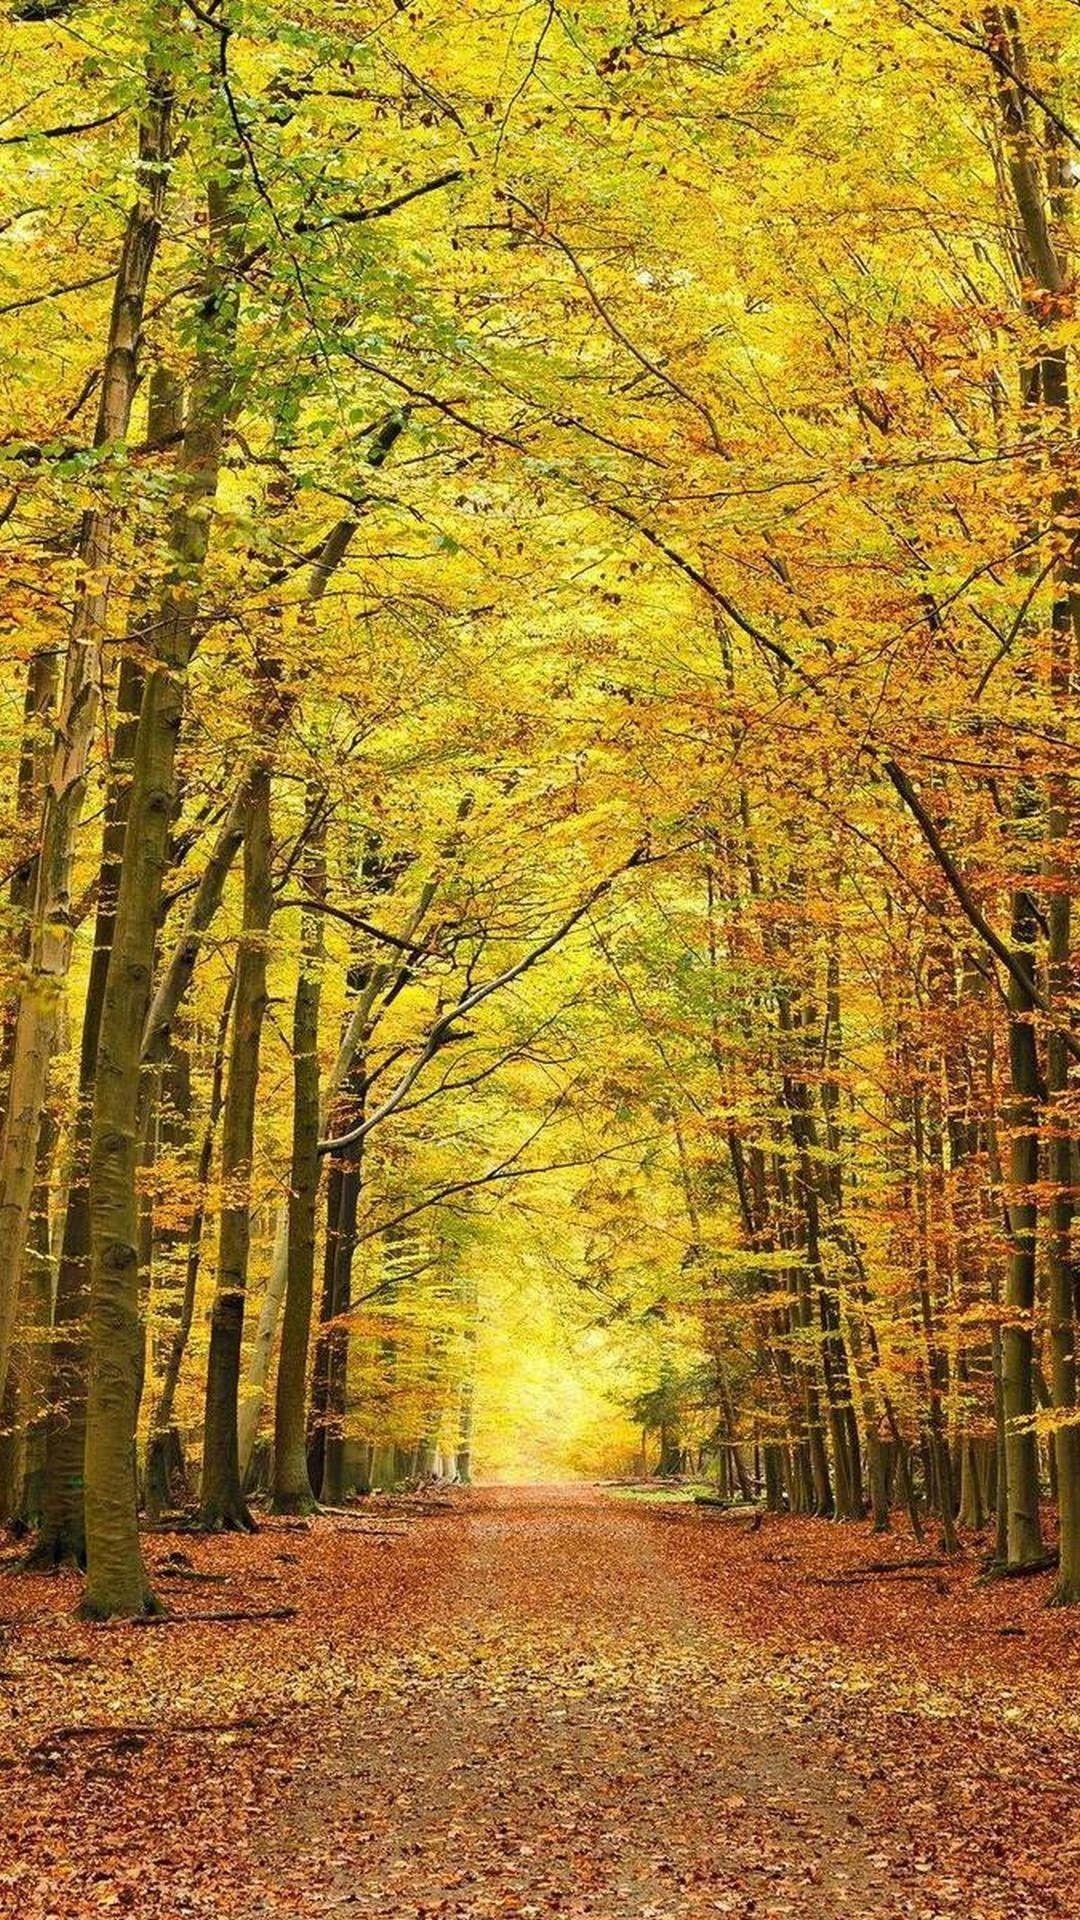 壁纸 风景 森林 桌面 1080_1920 竖版 竖屏 手机